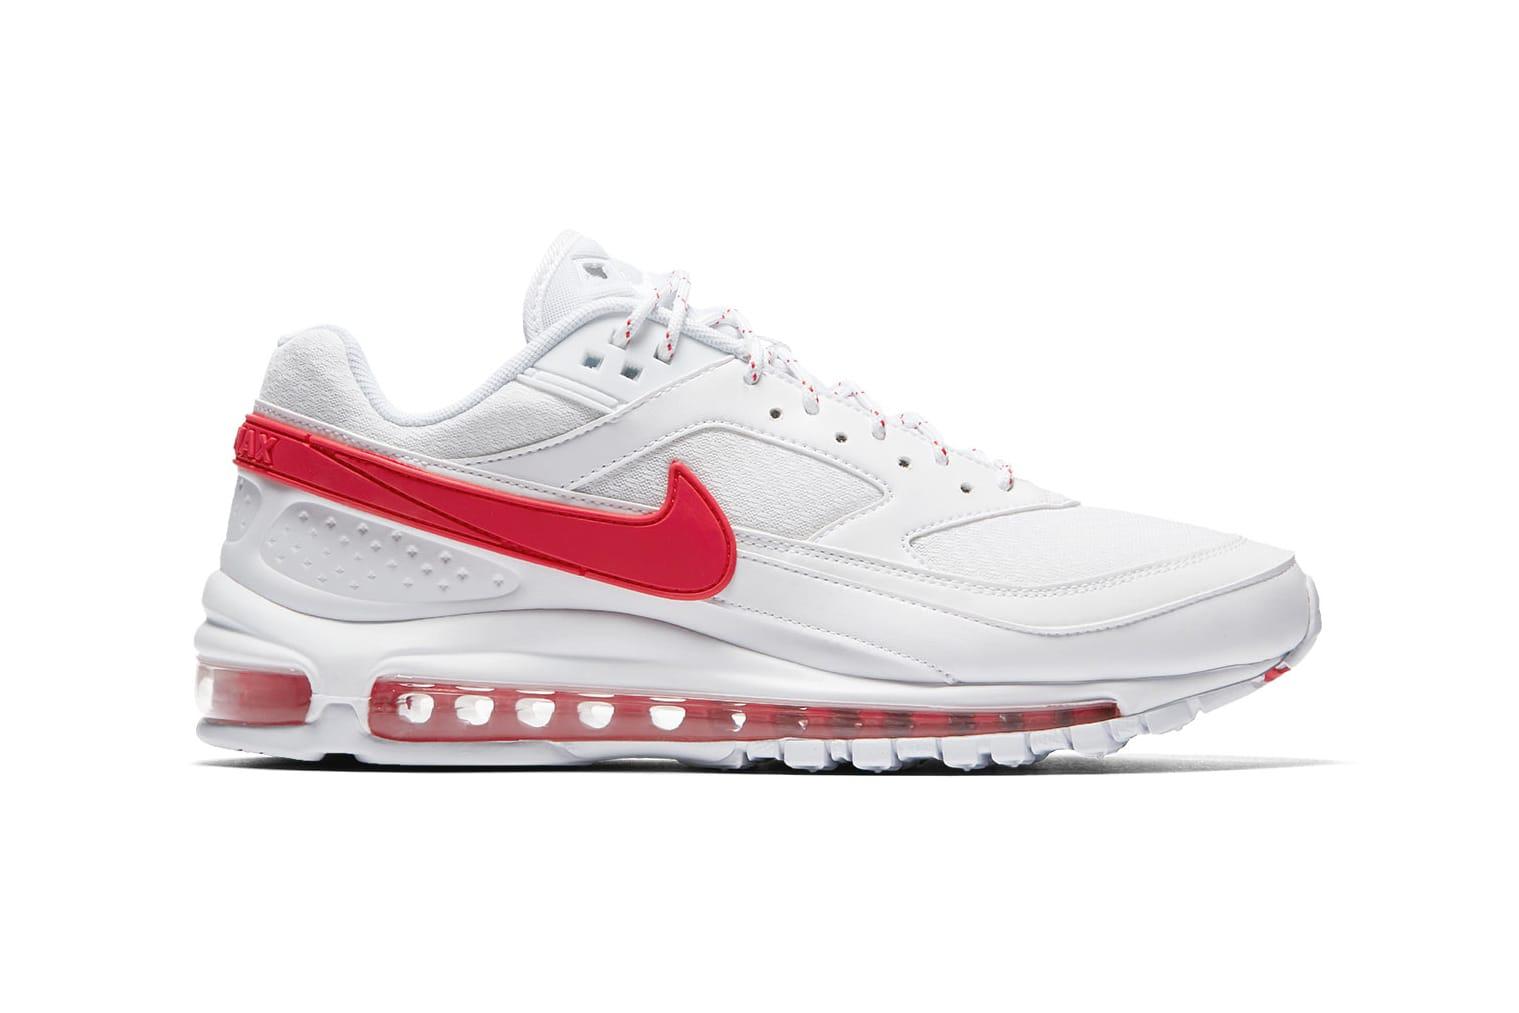 Skepta x Nike Air Max 97 BW Closer Look